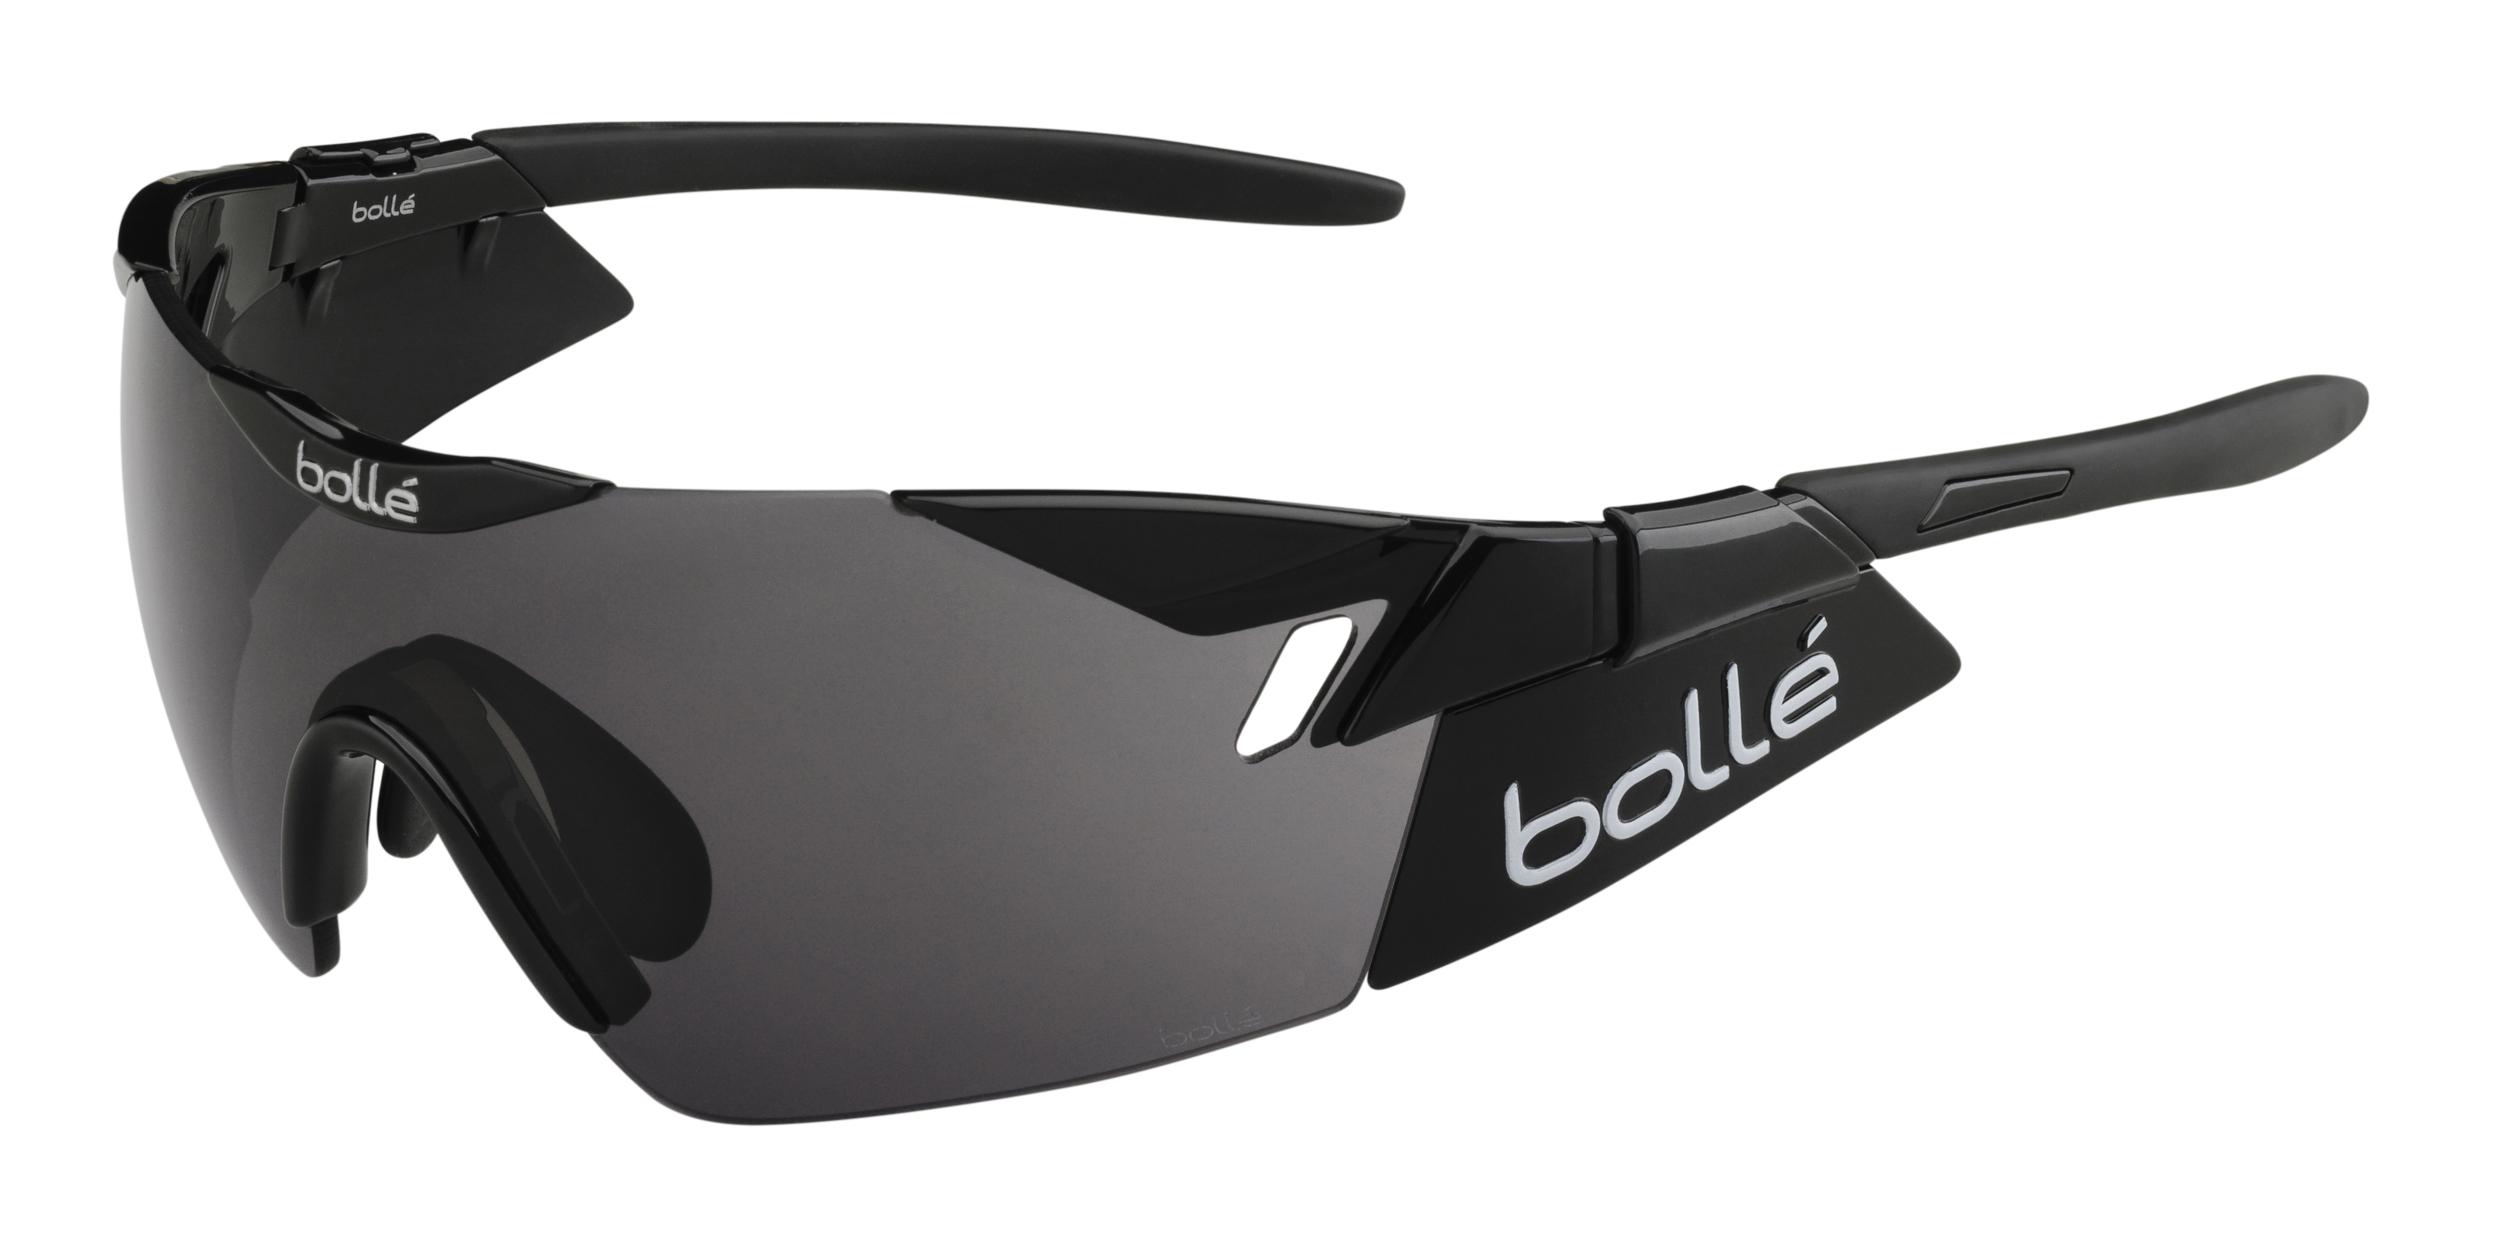 608b3cf0b606ad Lunettes de Soleil BOLLE   Casques de Velo et de Ski BOLLE   Masques de Ski  BOLLE